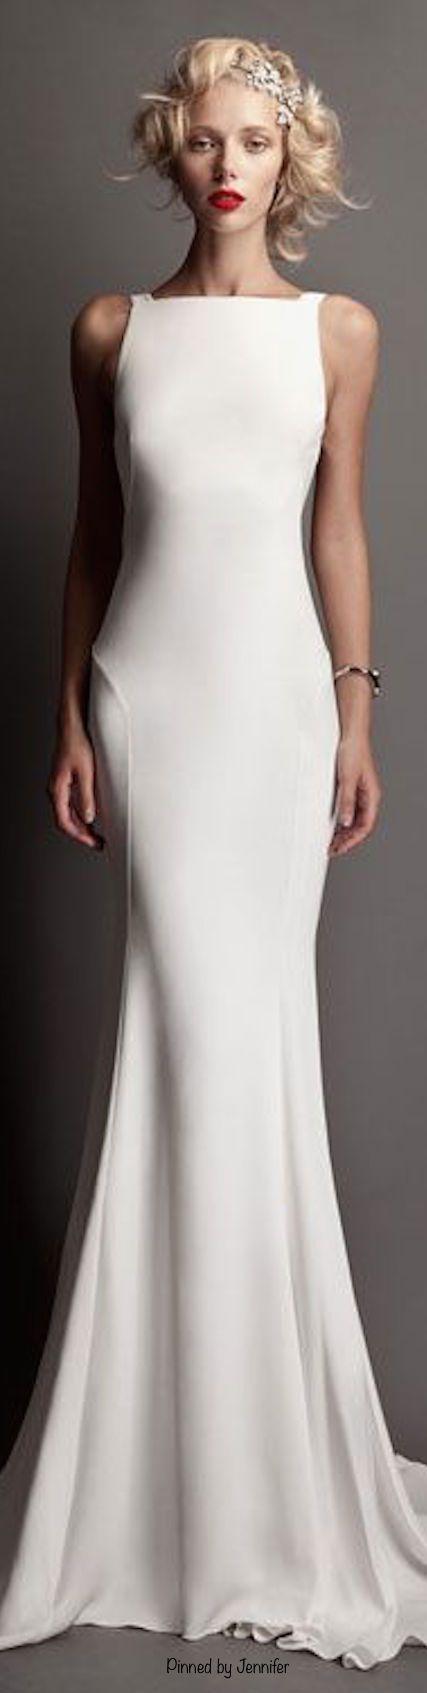 Roberto Cavalli ~ Spring White Sleeveless Gown 2015